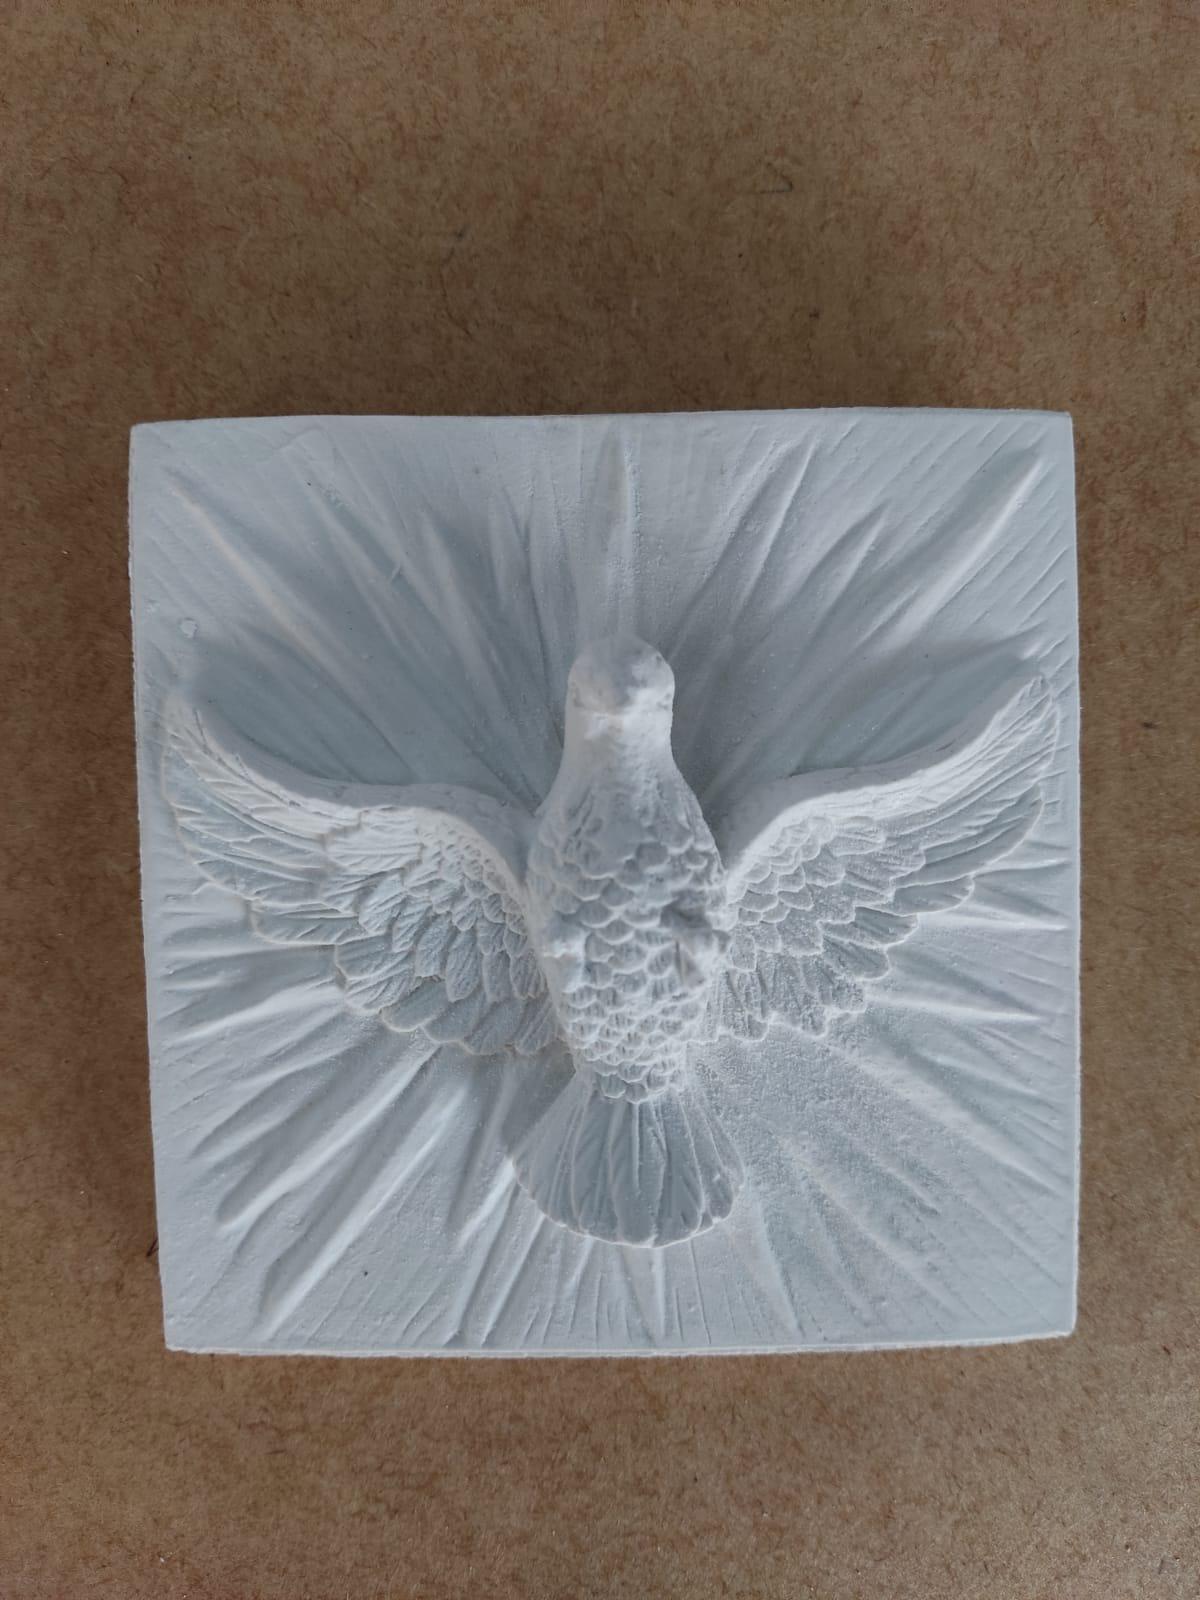 Aplique em Resina - Azulejo Divino Espirito Santo 9,5X9,5